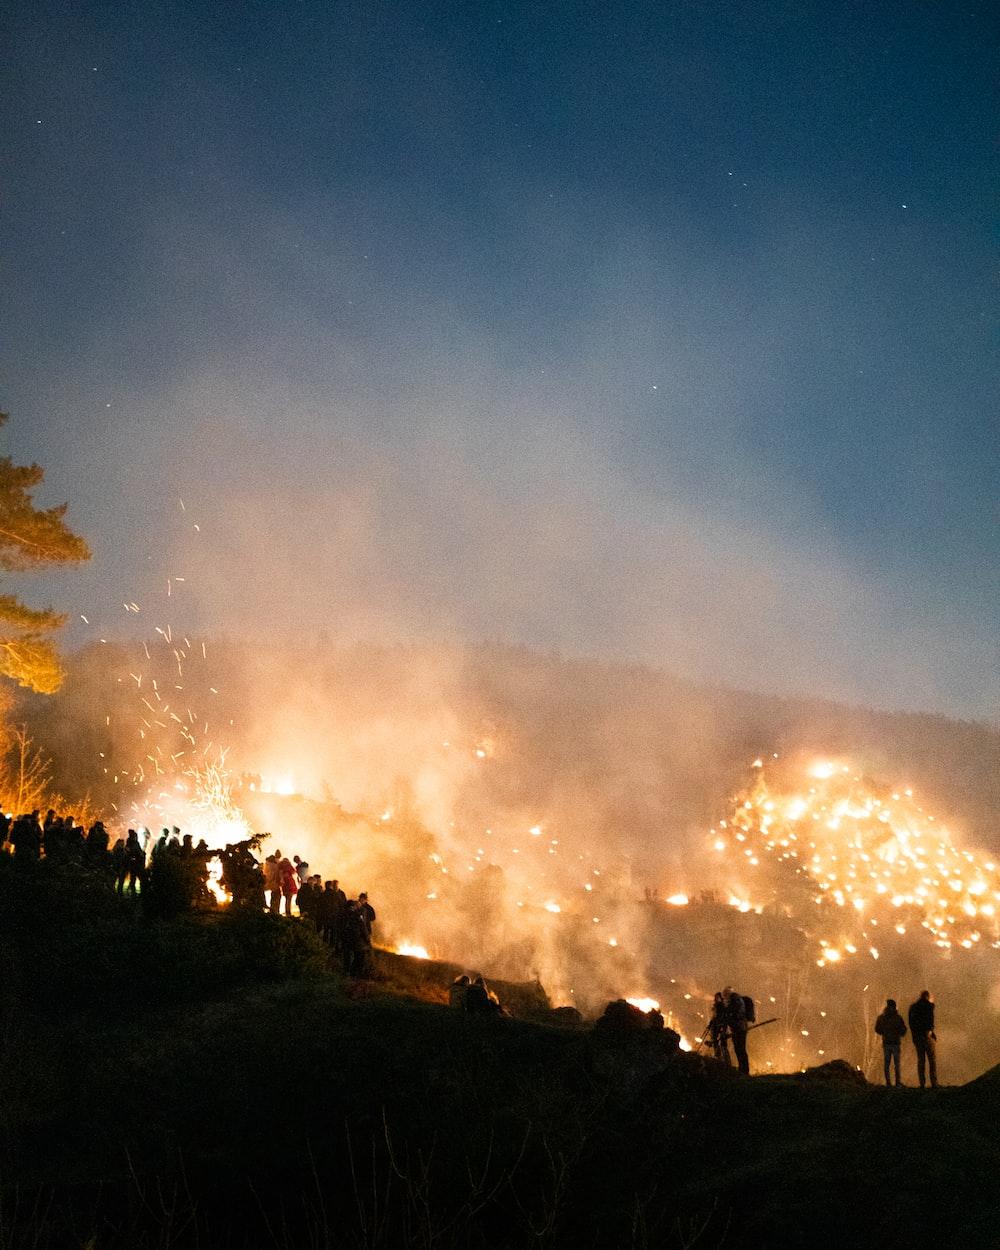 people standing on mountain near bush fire